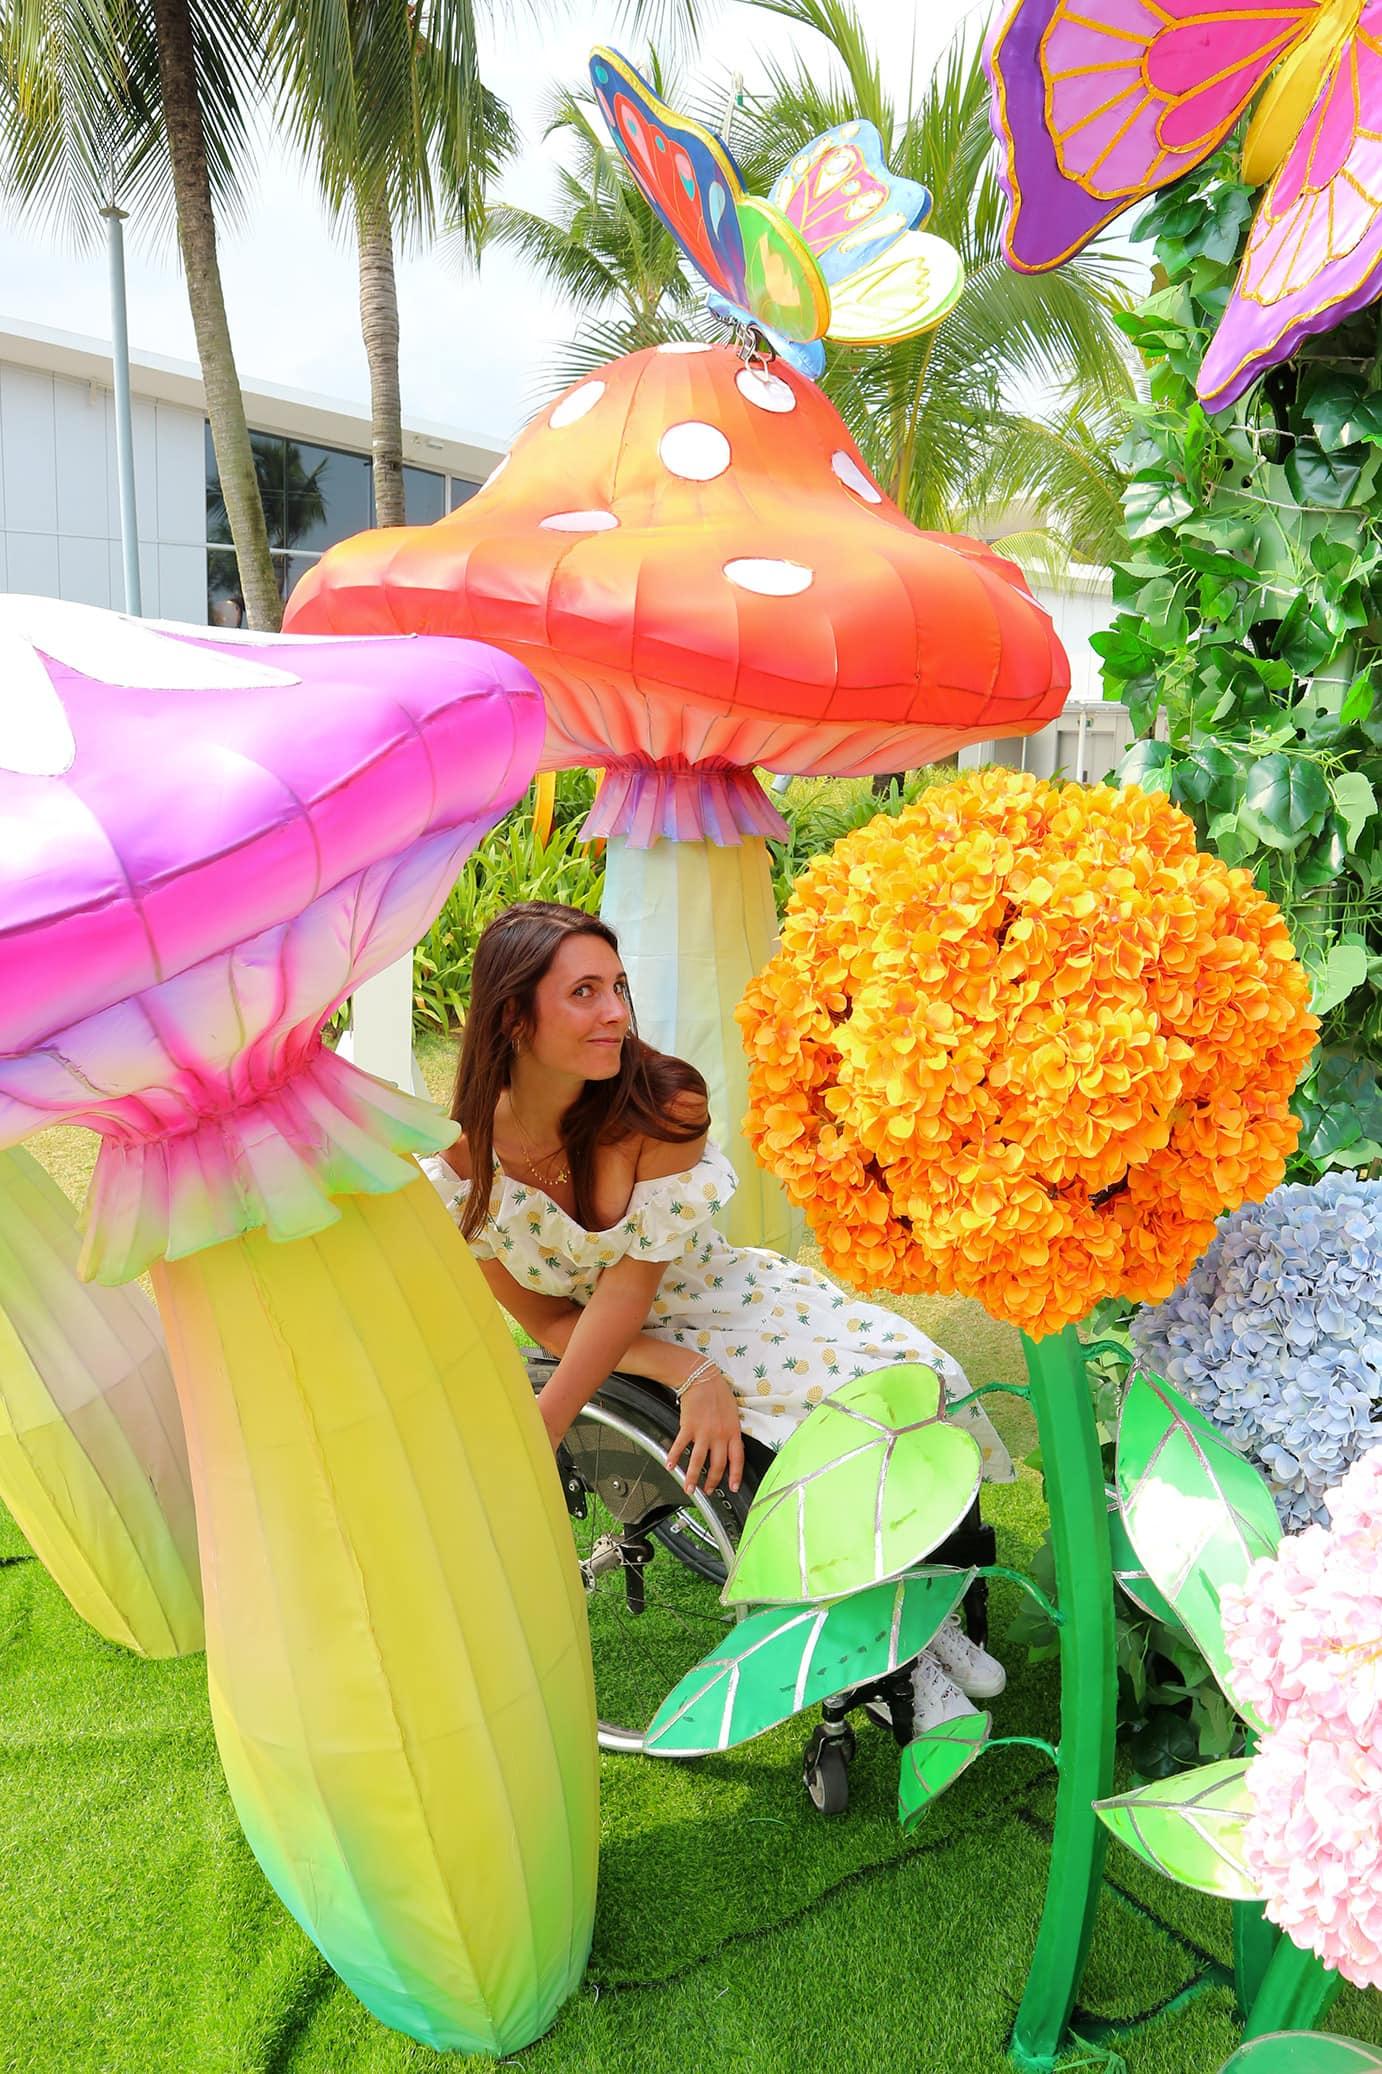 giulia lamarca si nascono tra funghi giganti in una scenografia di Alice nel paese delle meraviglie